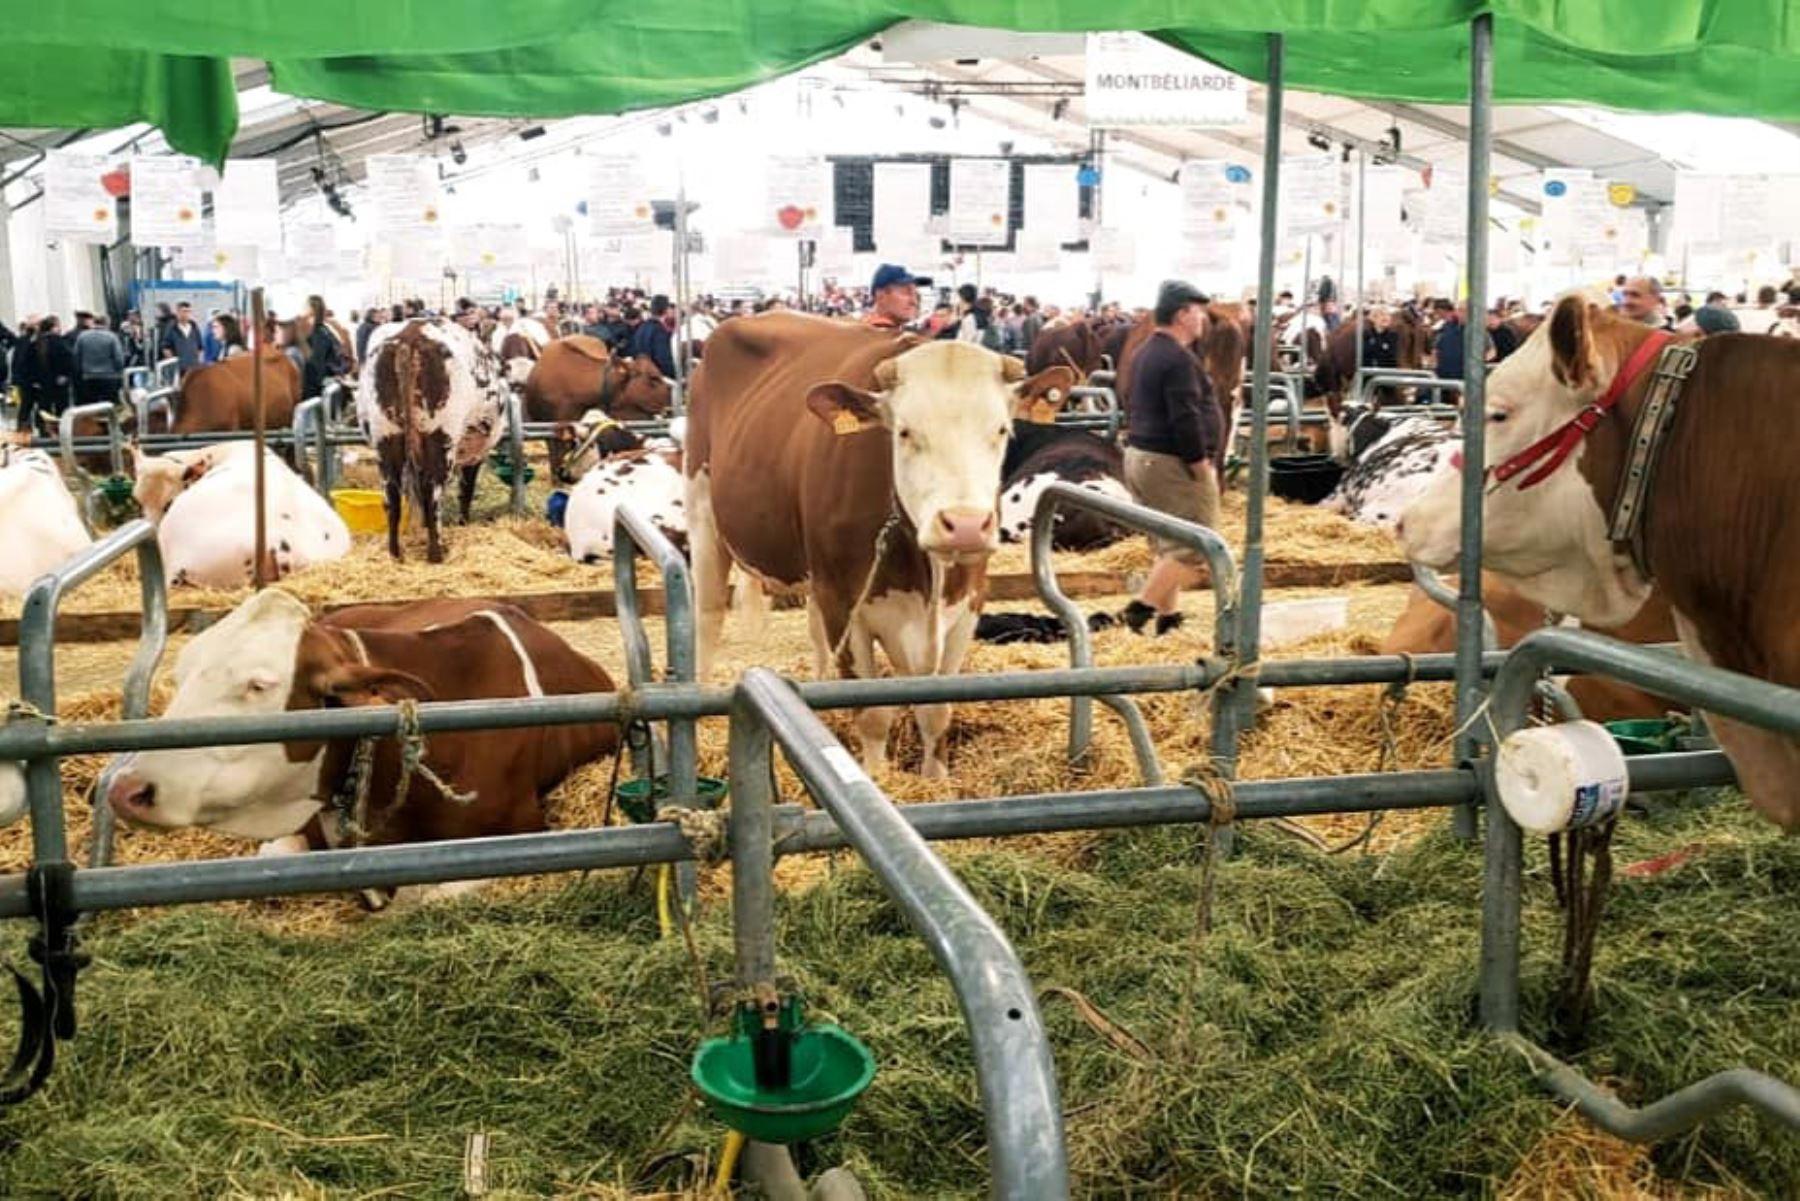 Gobierno regional distribuirá 10,000 embriones mejorados de vacuno a ganaderos de Áncash, anunció su titular Juan Carlos Morillo